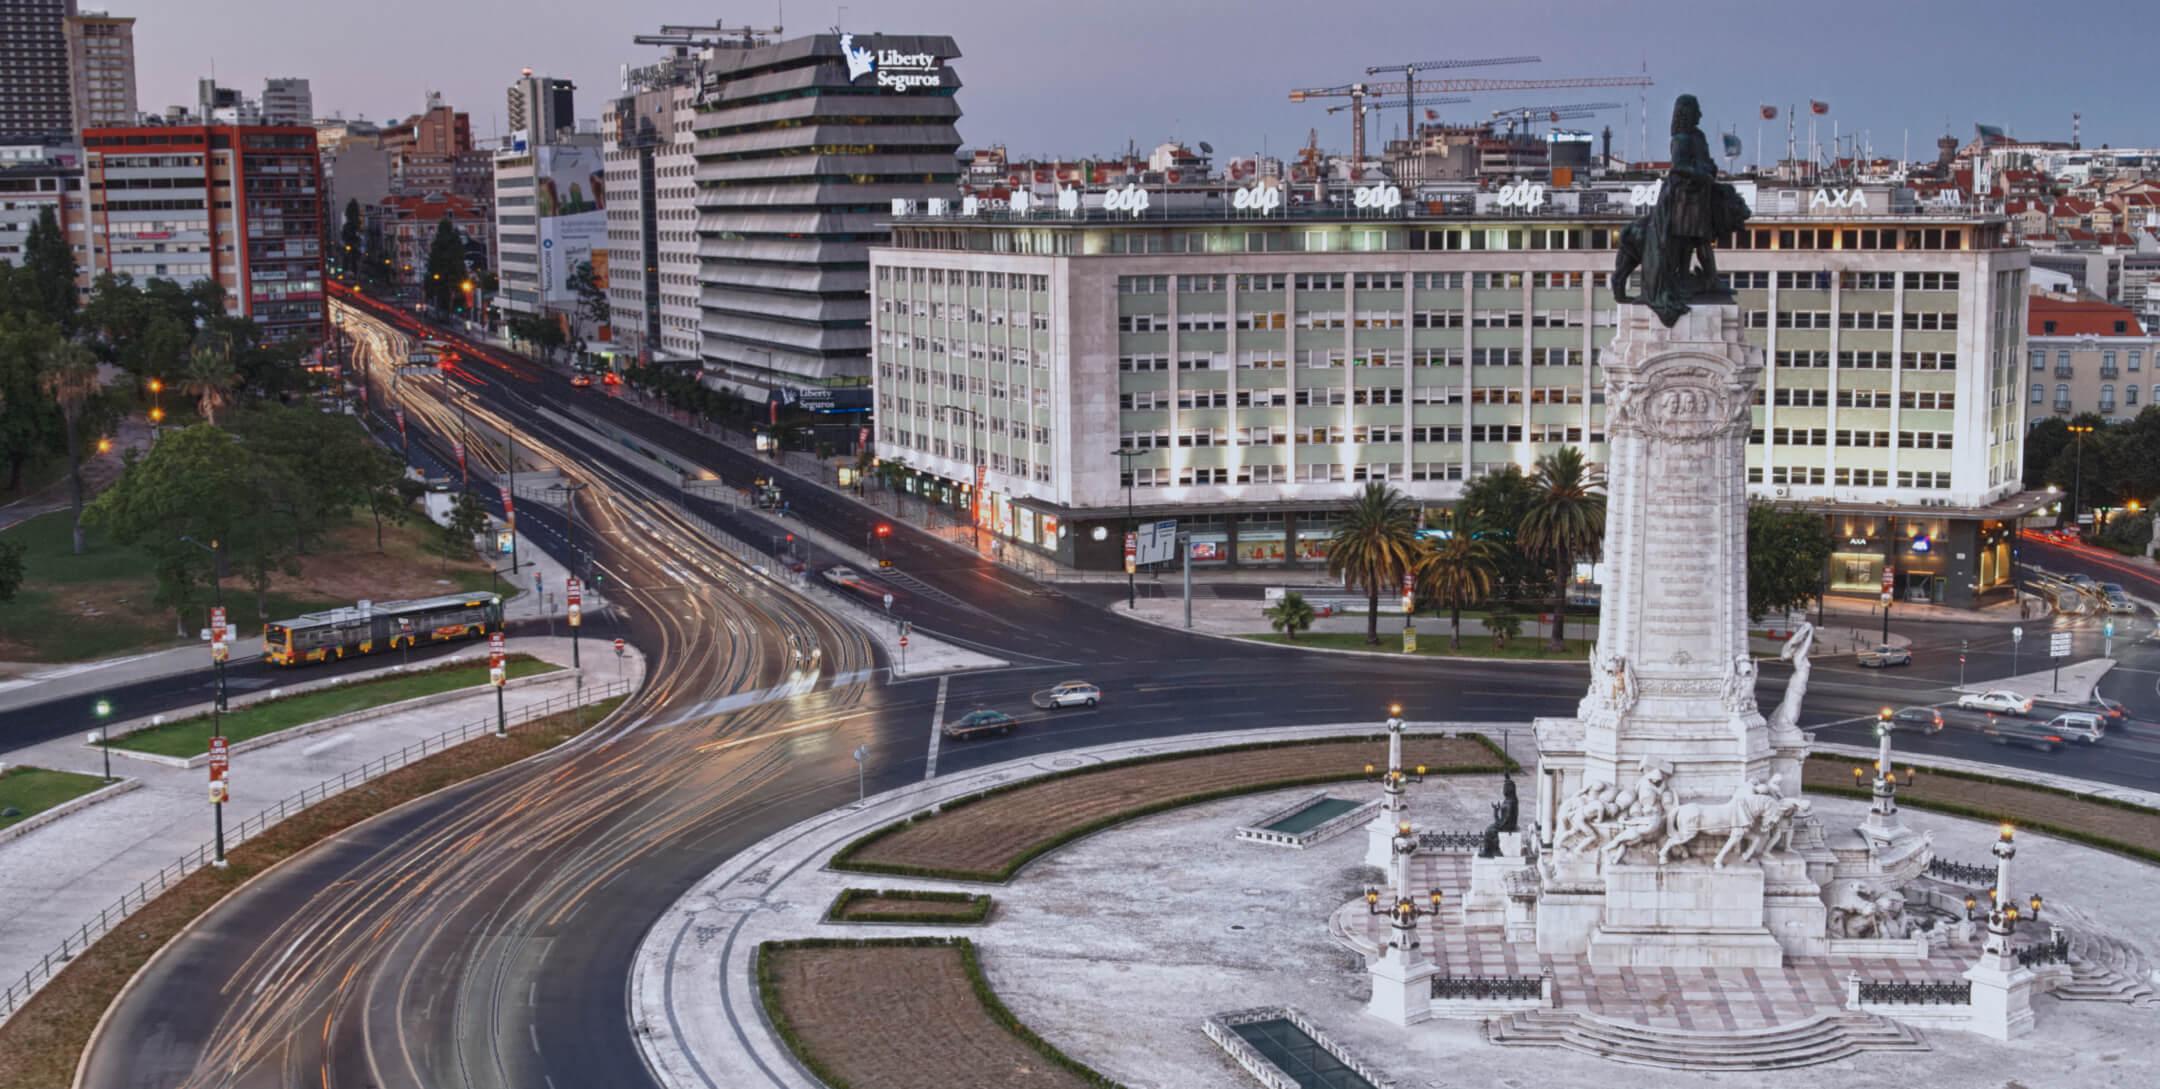 Flexado - Lisboa Portugal